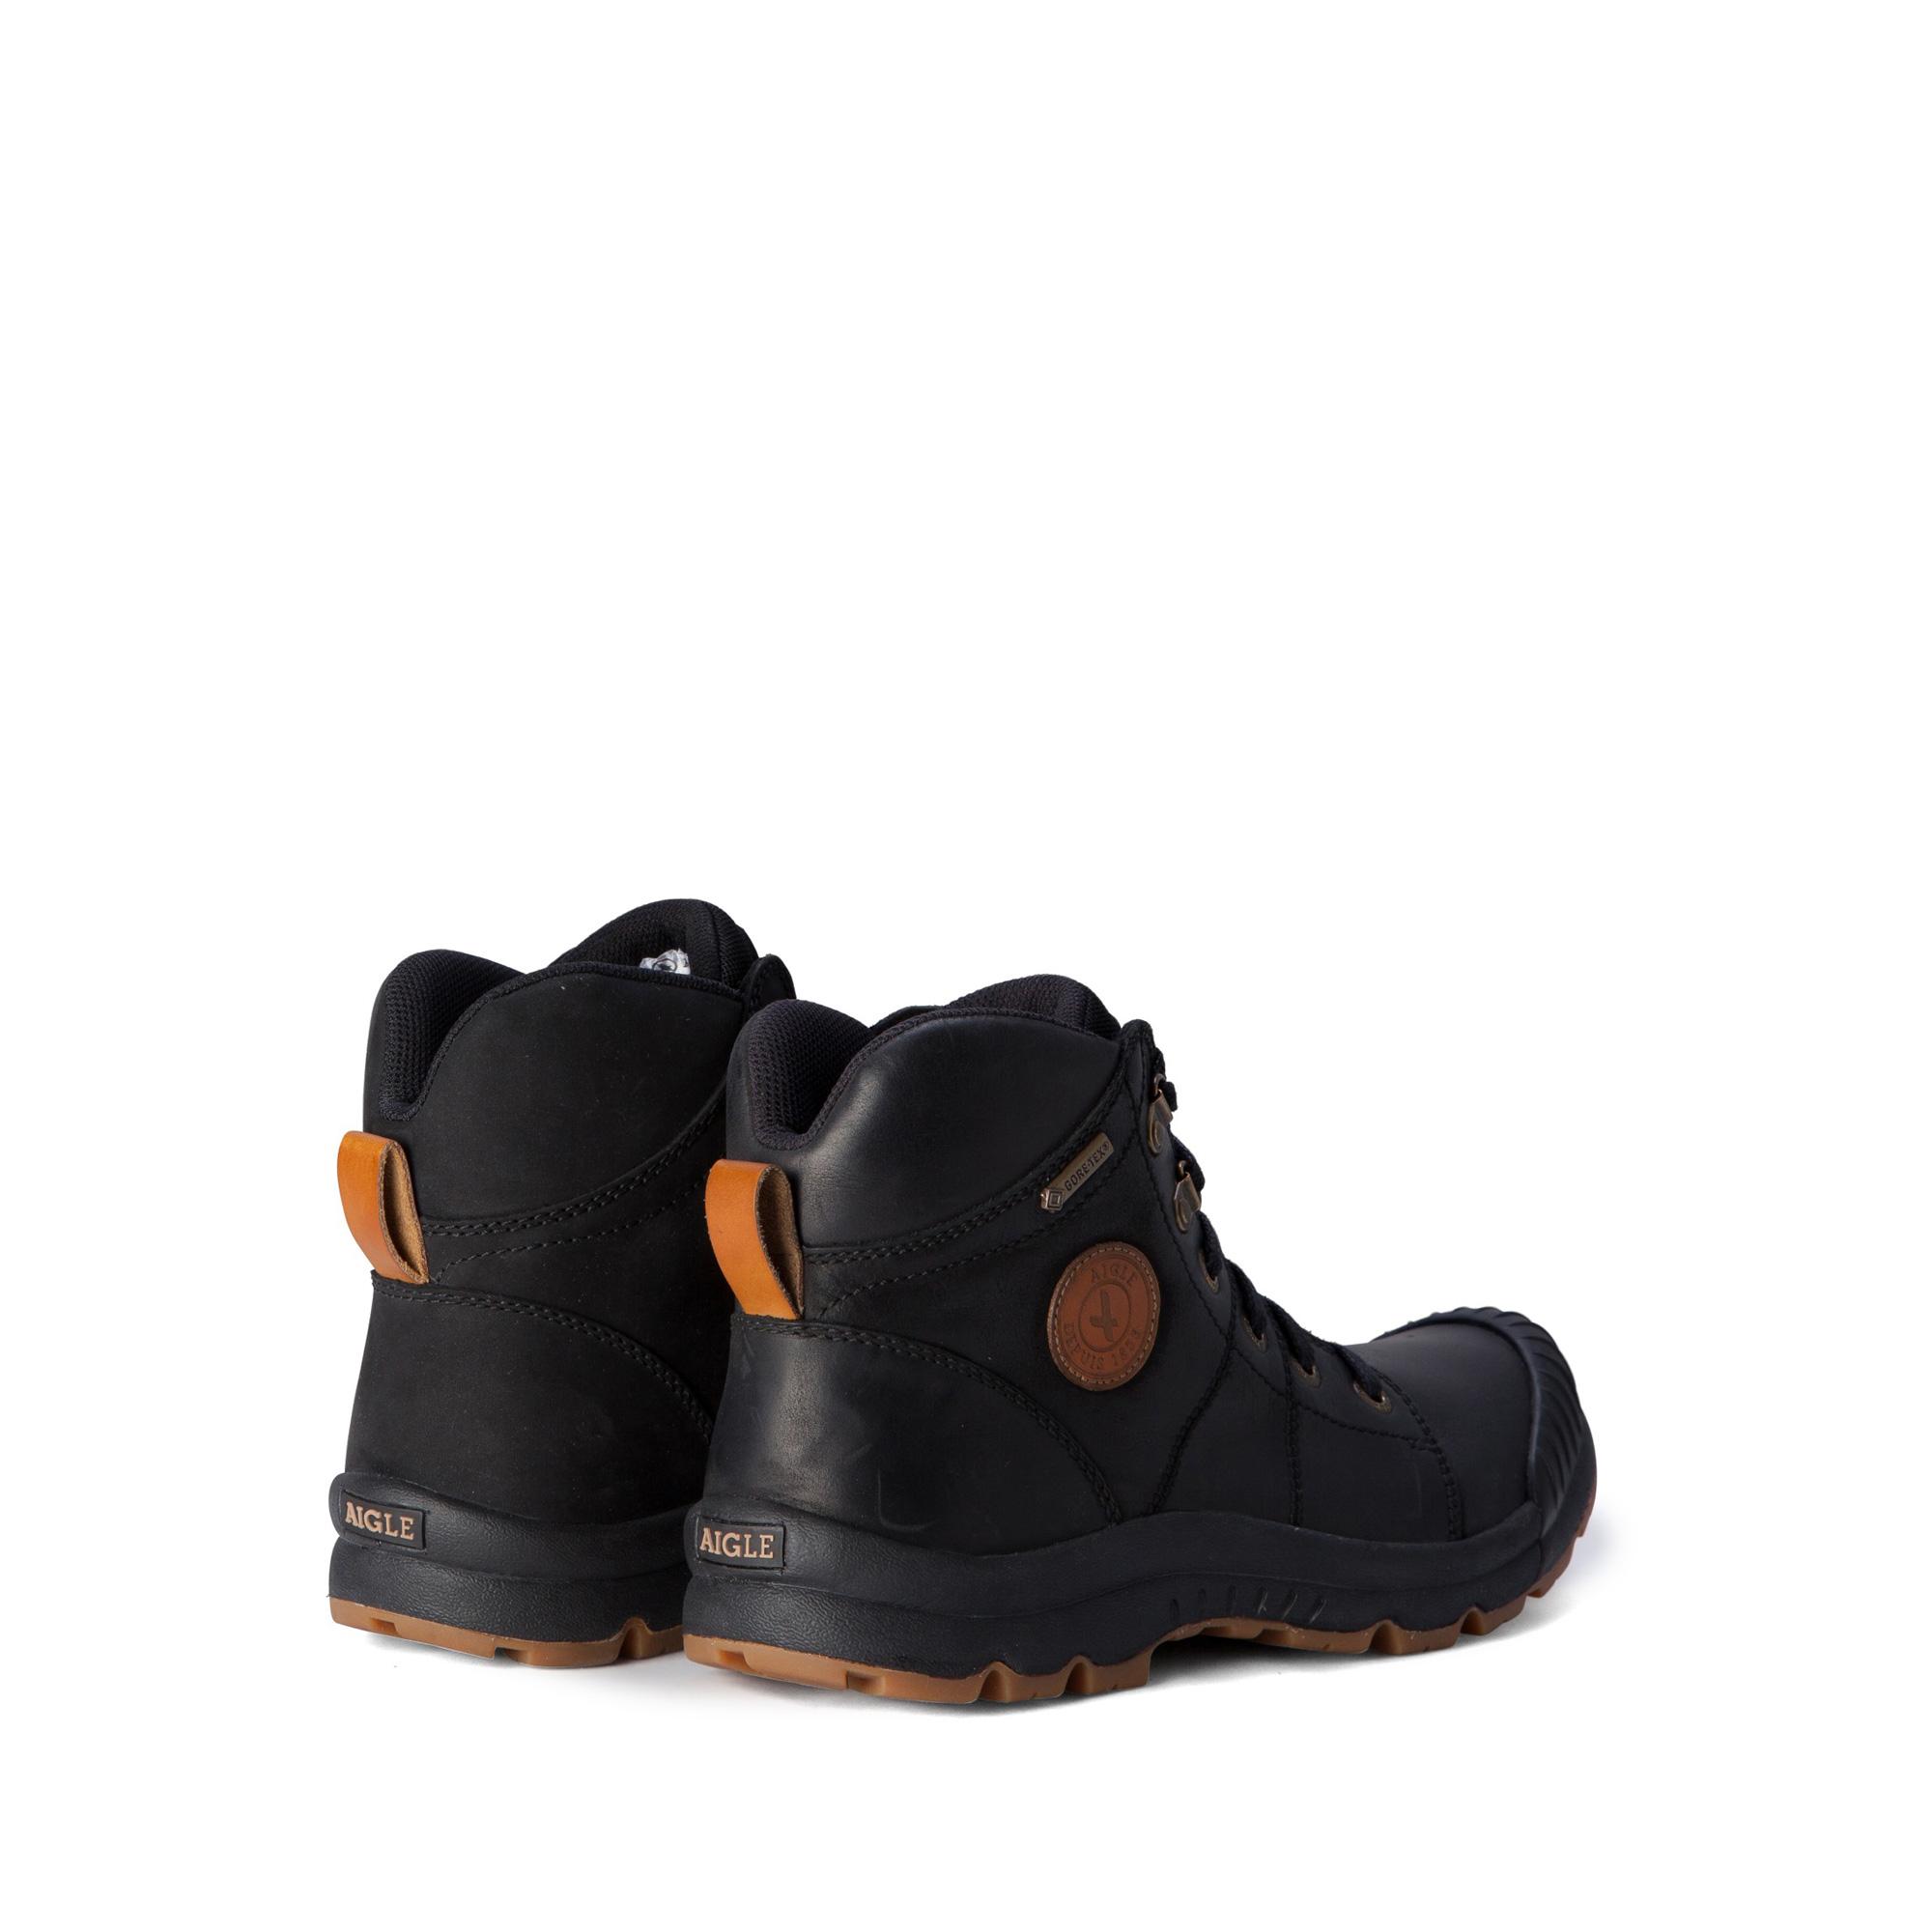 e6b777e5e9f Chaussures de marche imperméables cuir homme